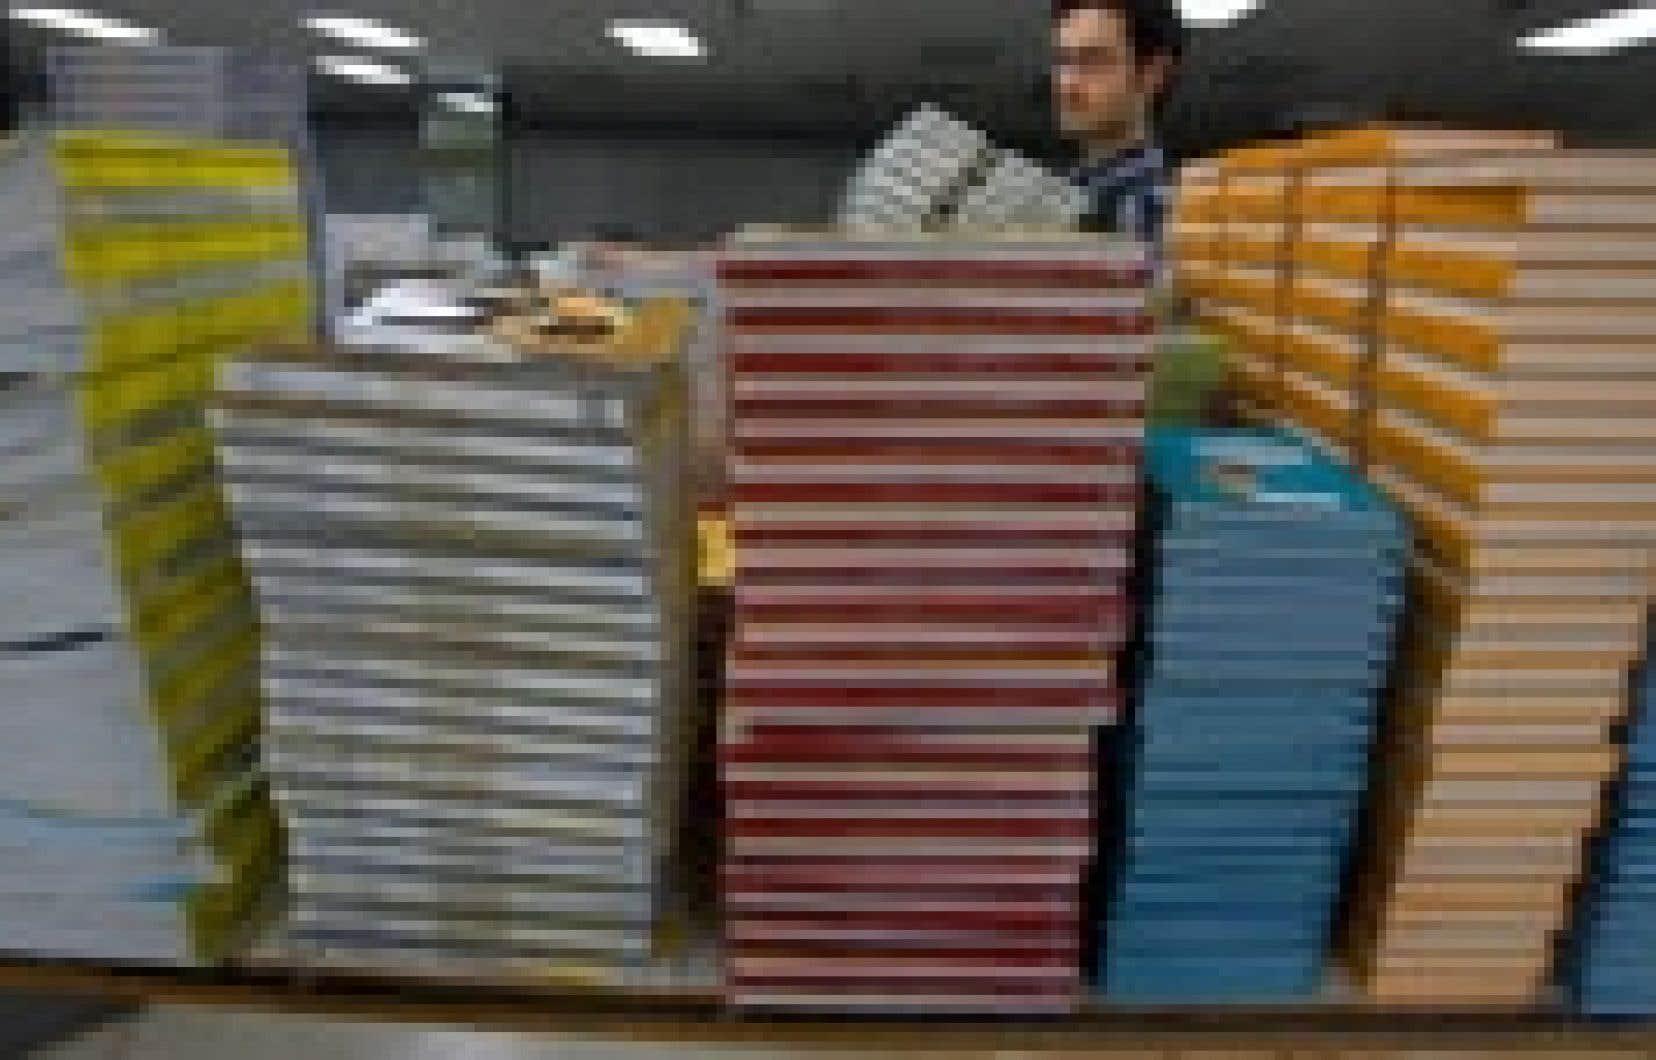 Le gouvernement a prévu 169 millions sur quatre années pour l'achat de nouveaux manuels scolaires adaptés à la refonte du niveau secondaire.